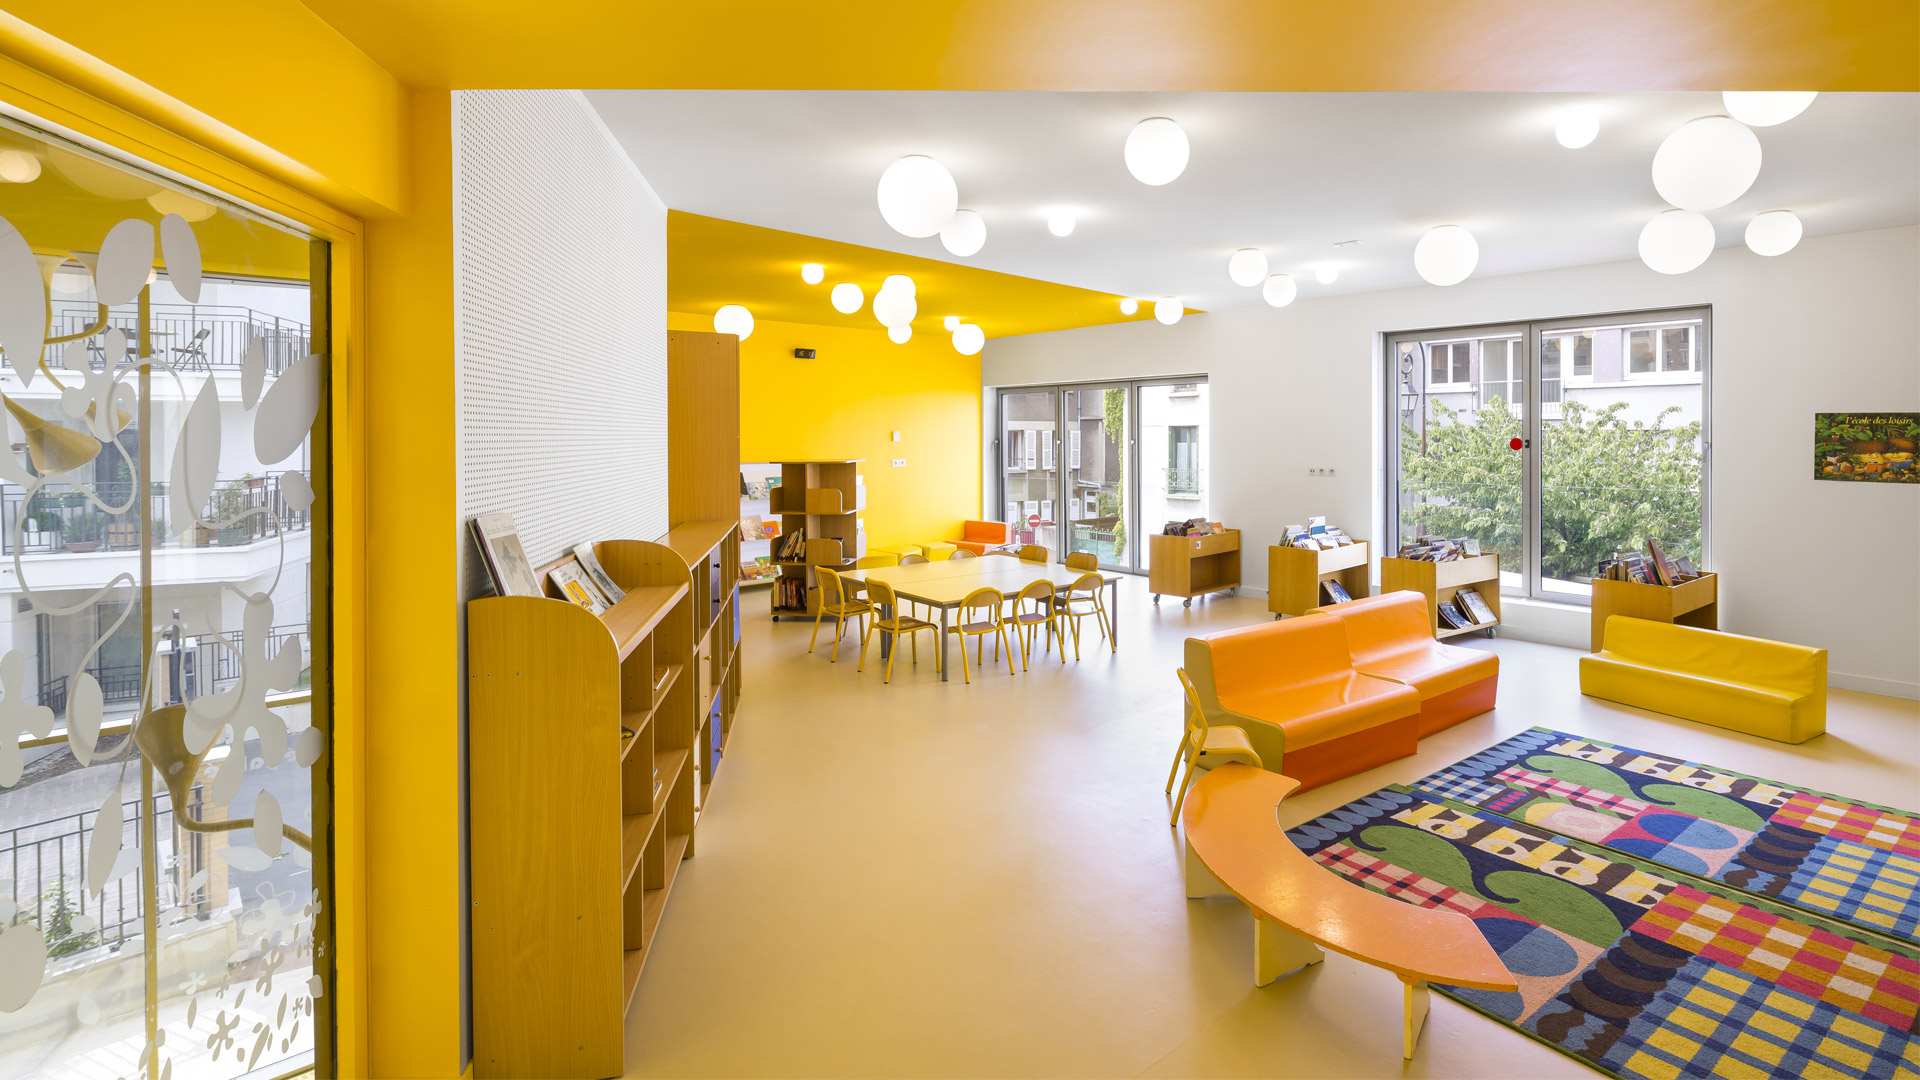 École maternelle + Centre de loisirs | Brenac & Gonzalez et Associés